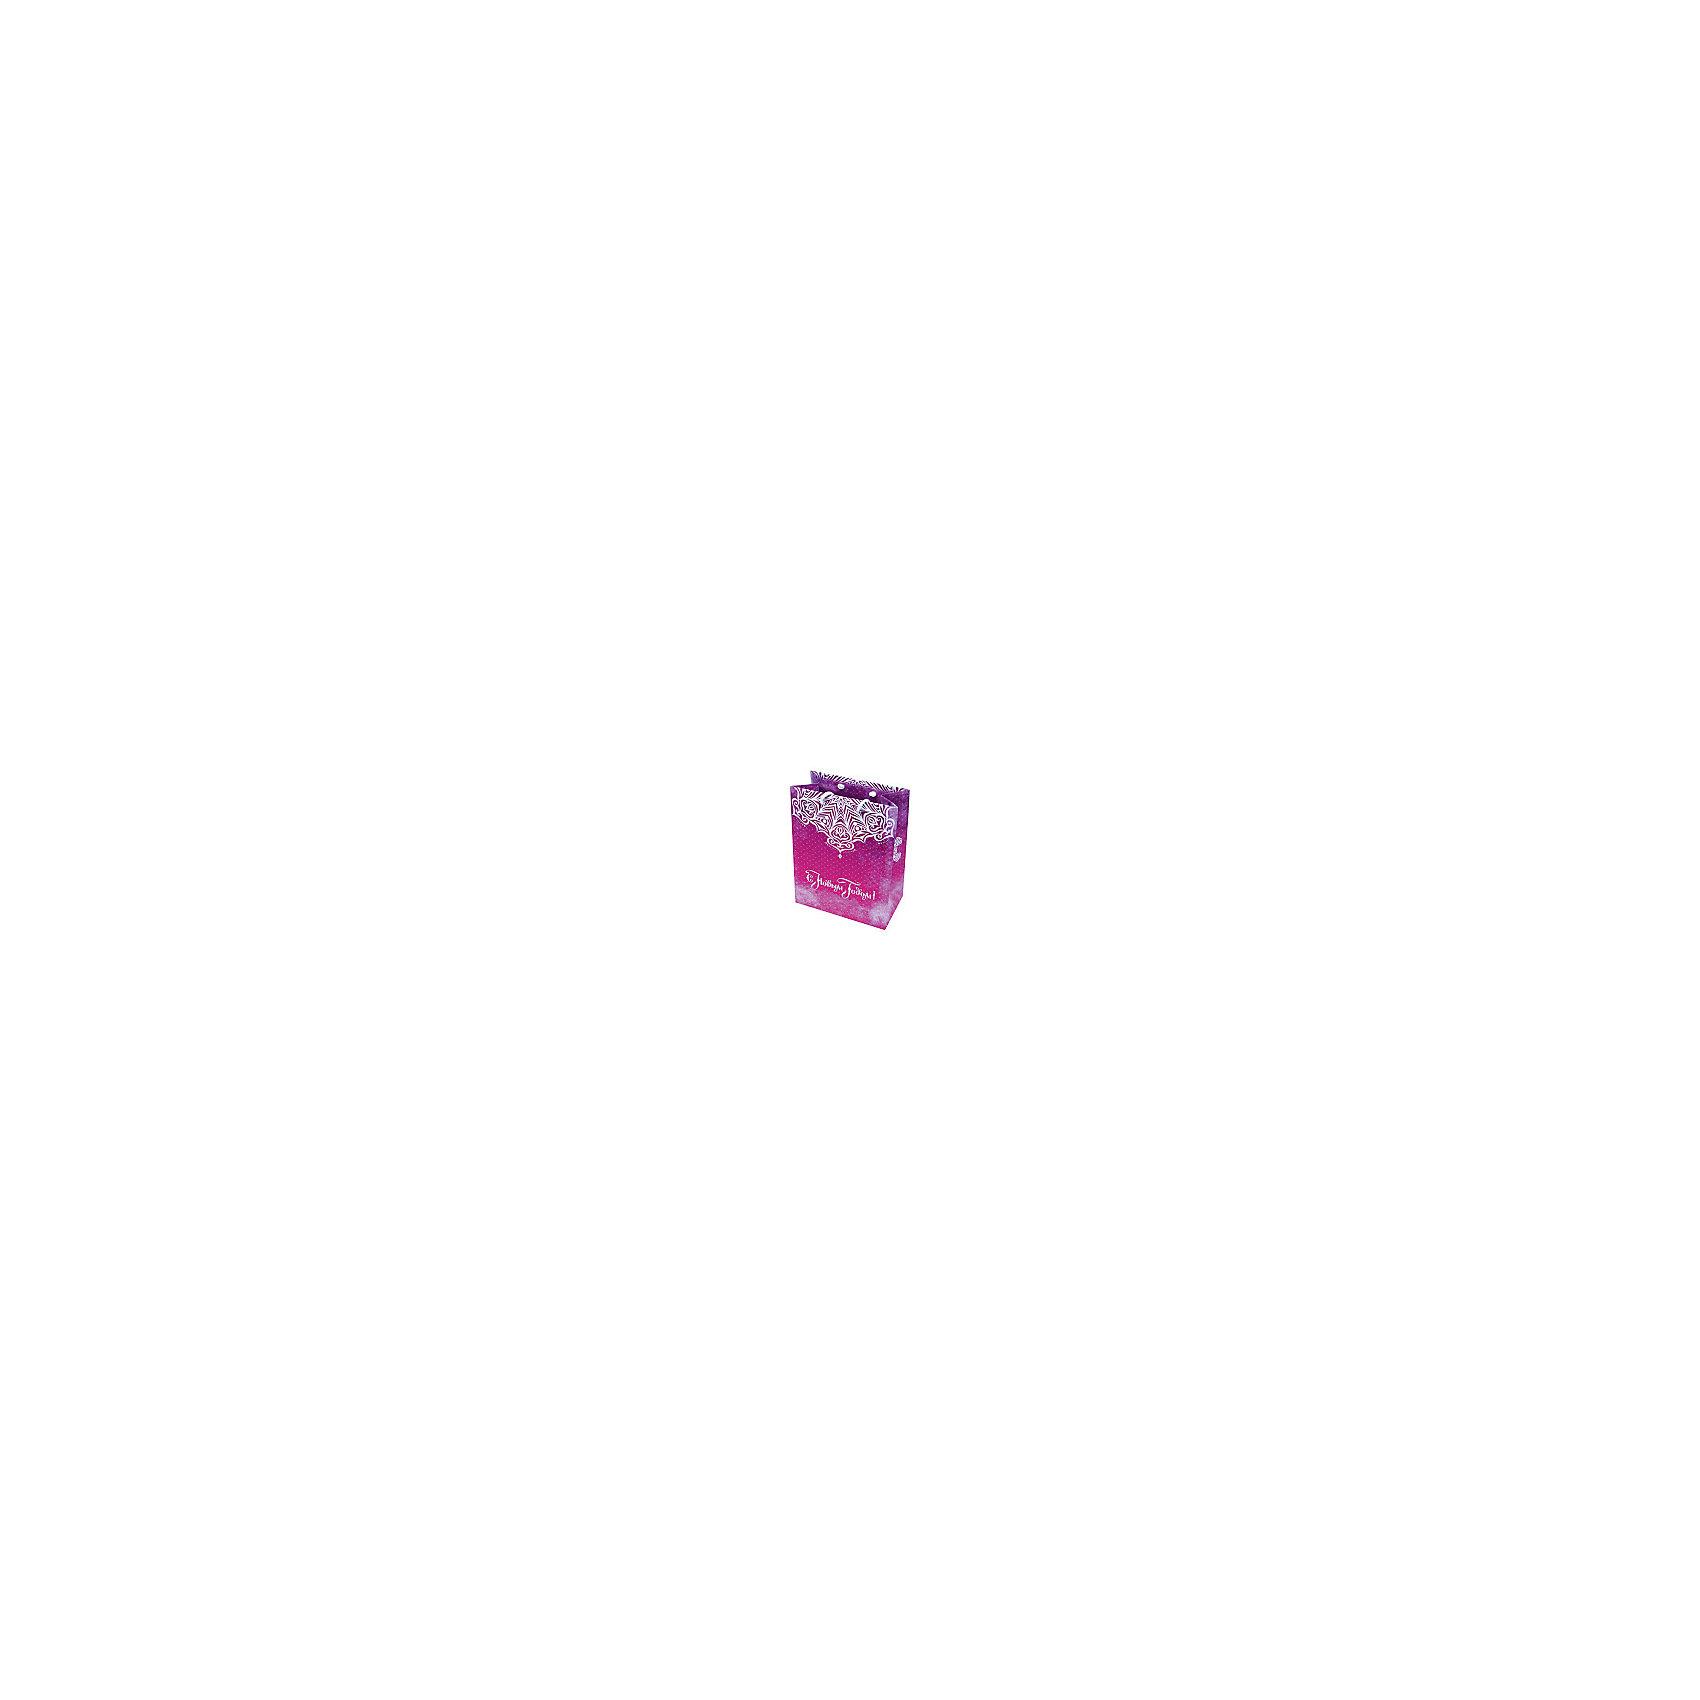 Новогодний бумажный пакет Дед мороз пришел, размер М (178х229х98),Всё для праздника<br>Пакет бумажный новогодний снежинка розовая, размер М (178х229х98), плотность 170 гр/см2 арт.16278 Новогодняя упаковка - это праздничное настроение и яркие эмоции, предвкушение новогоднего подарка  и просто сказочный настрой на время новогоднего шоппинга.<br><br>Ширина мм: 178<br>Глубина мм: 229<br>Высота мм: 3<br>Вес г: 100<br>Возраст от месяцев: 72<br>Возраст до месяцев: 480<br>Пол: Унисекс<br>Возраст: Детский<br>SKU: 5051692